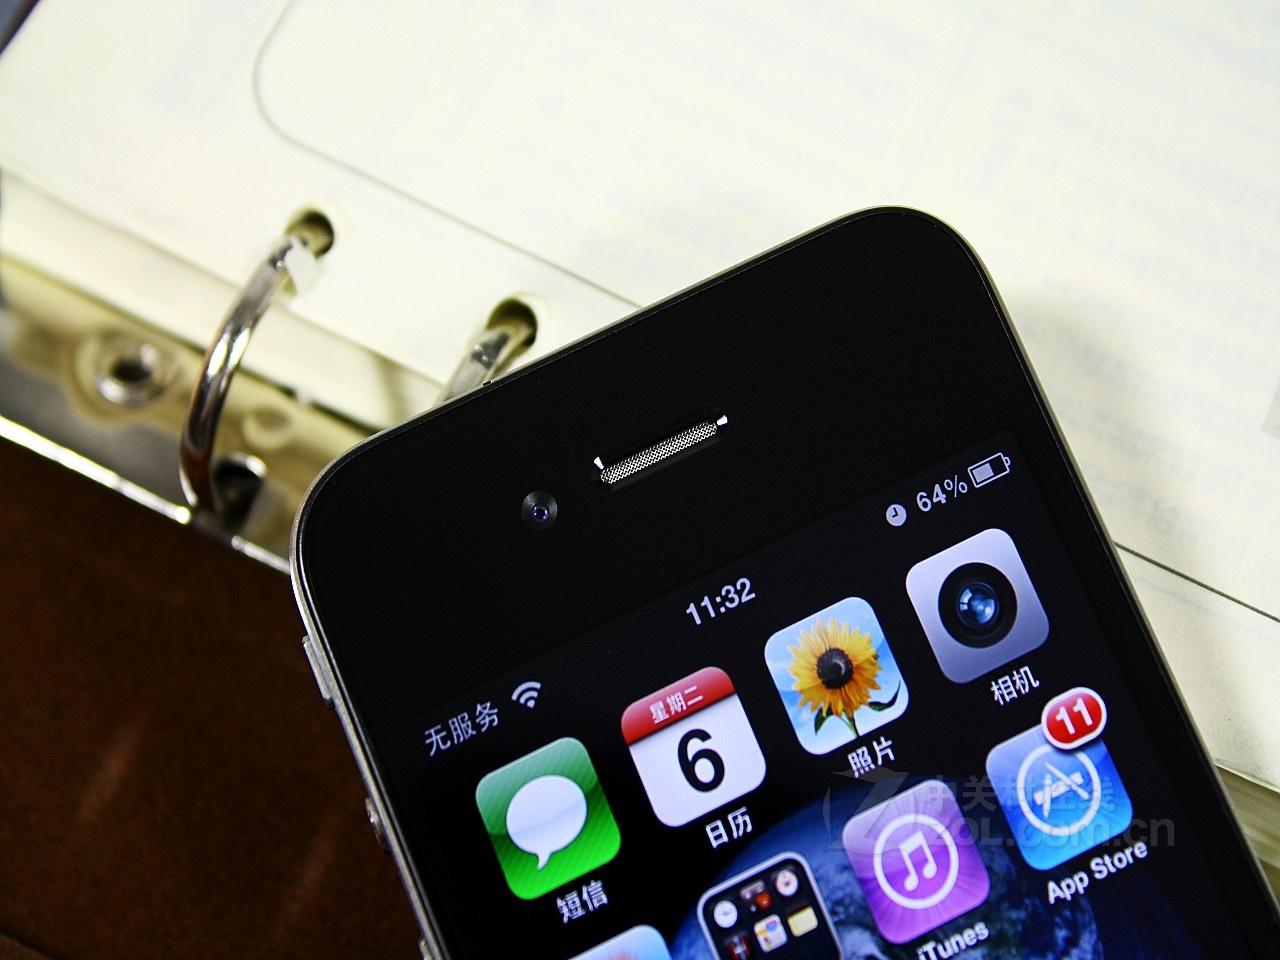 zol大图内容苹果手机手机iphone4(8gb)电信详细苹果>原始首页iphone图片合约机刷机图片